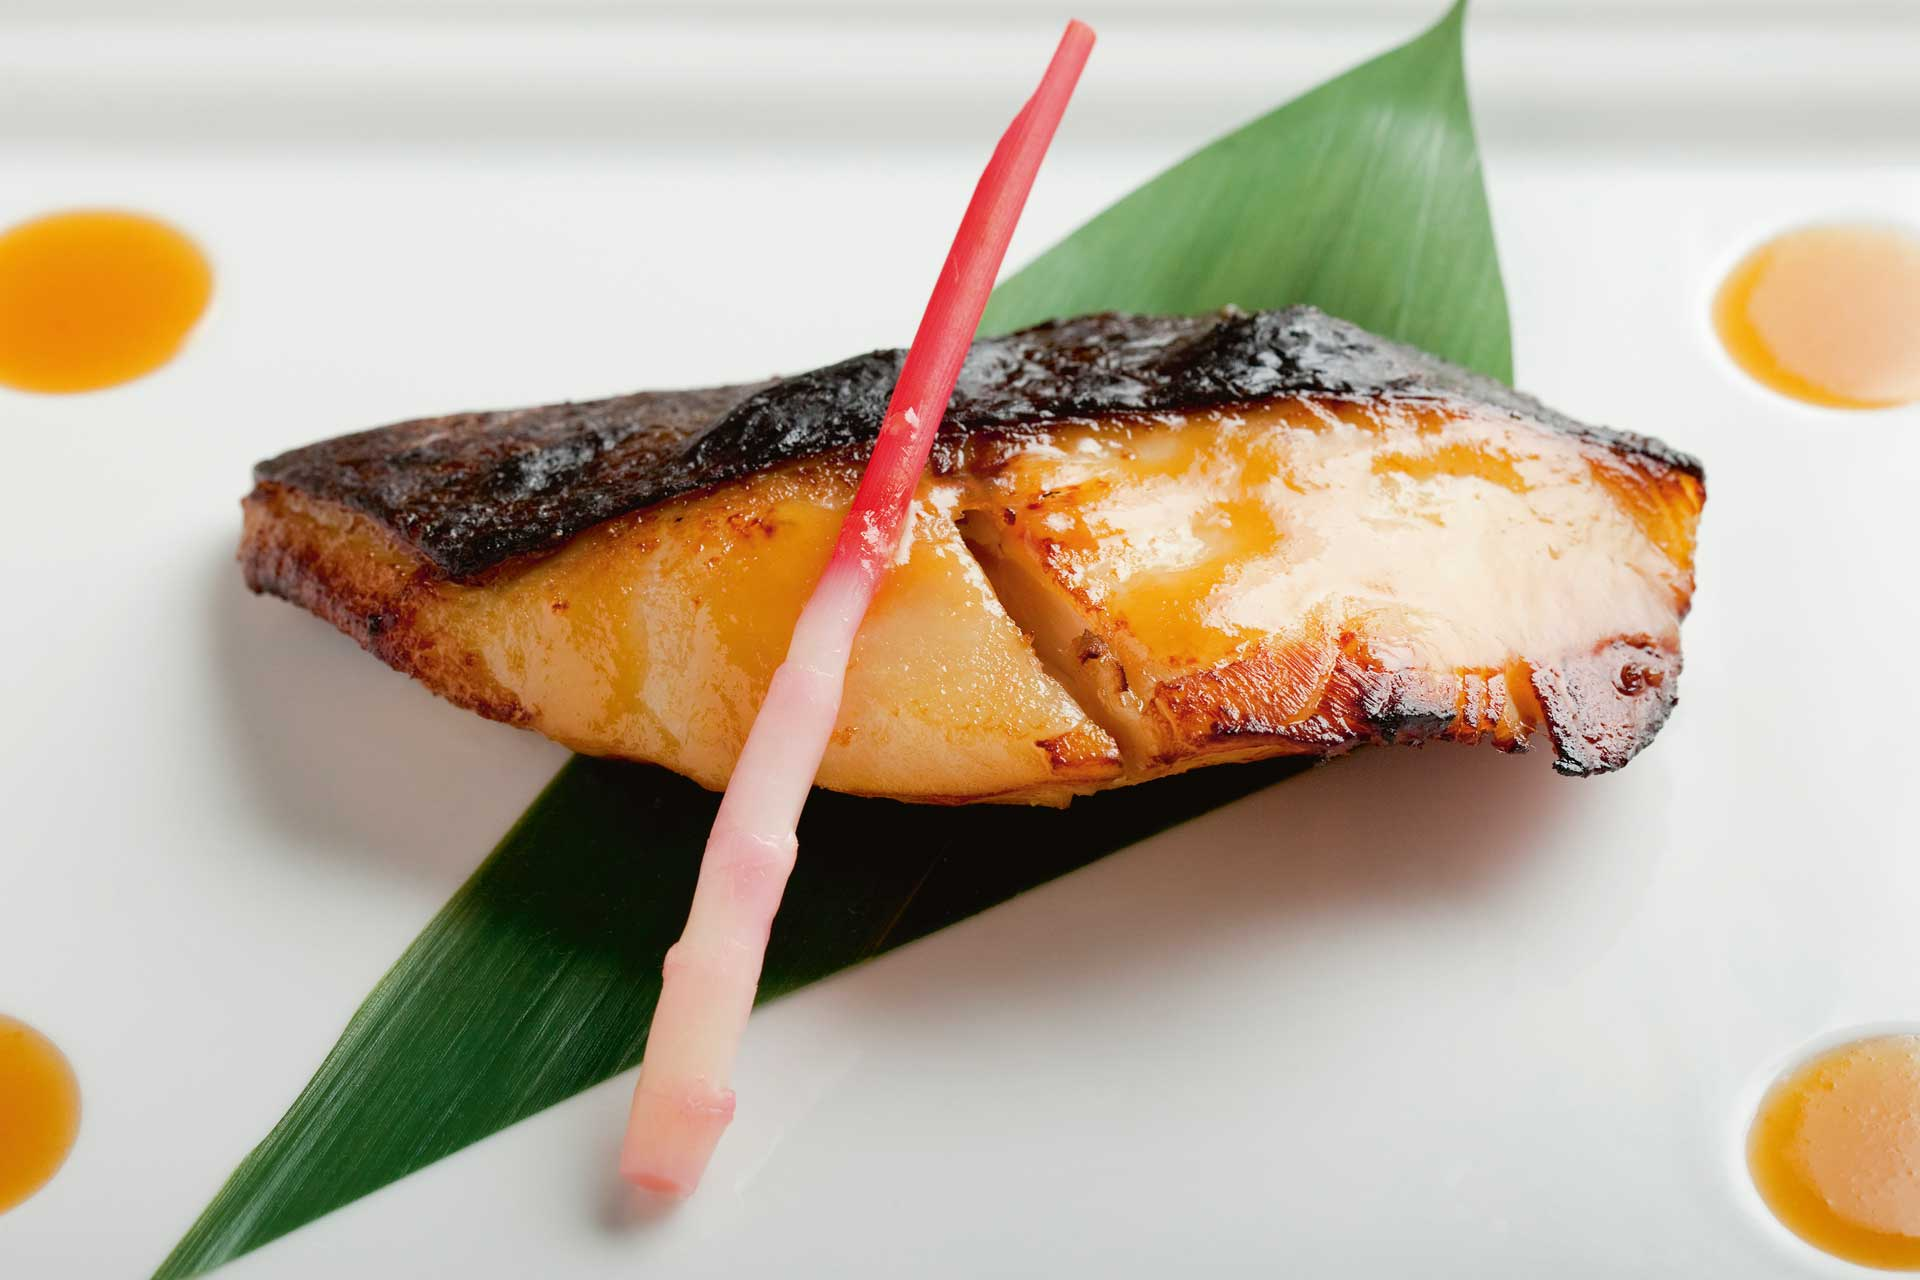 Chef Nobu Matsuhisa's signature dish miso-blackened cod